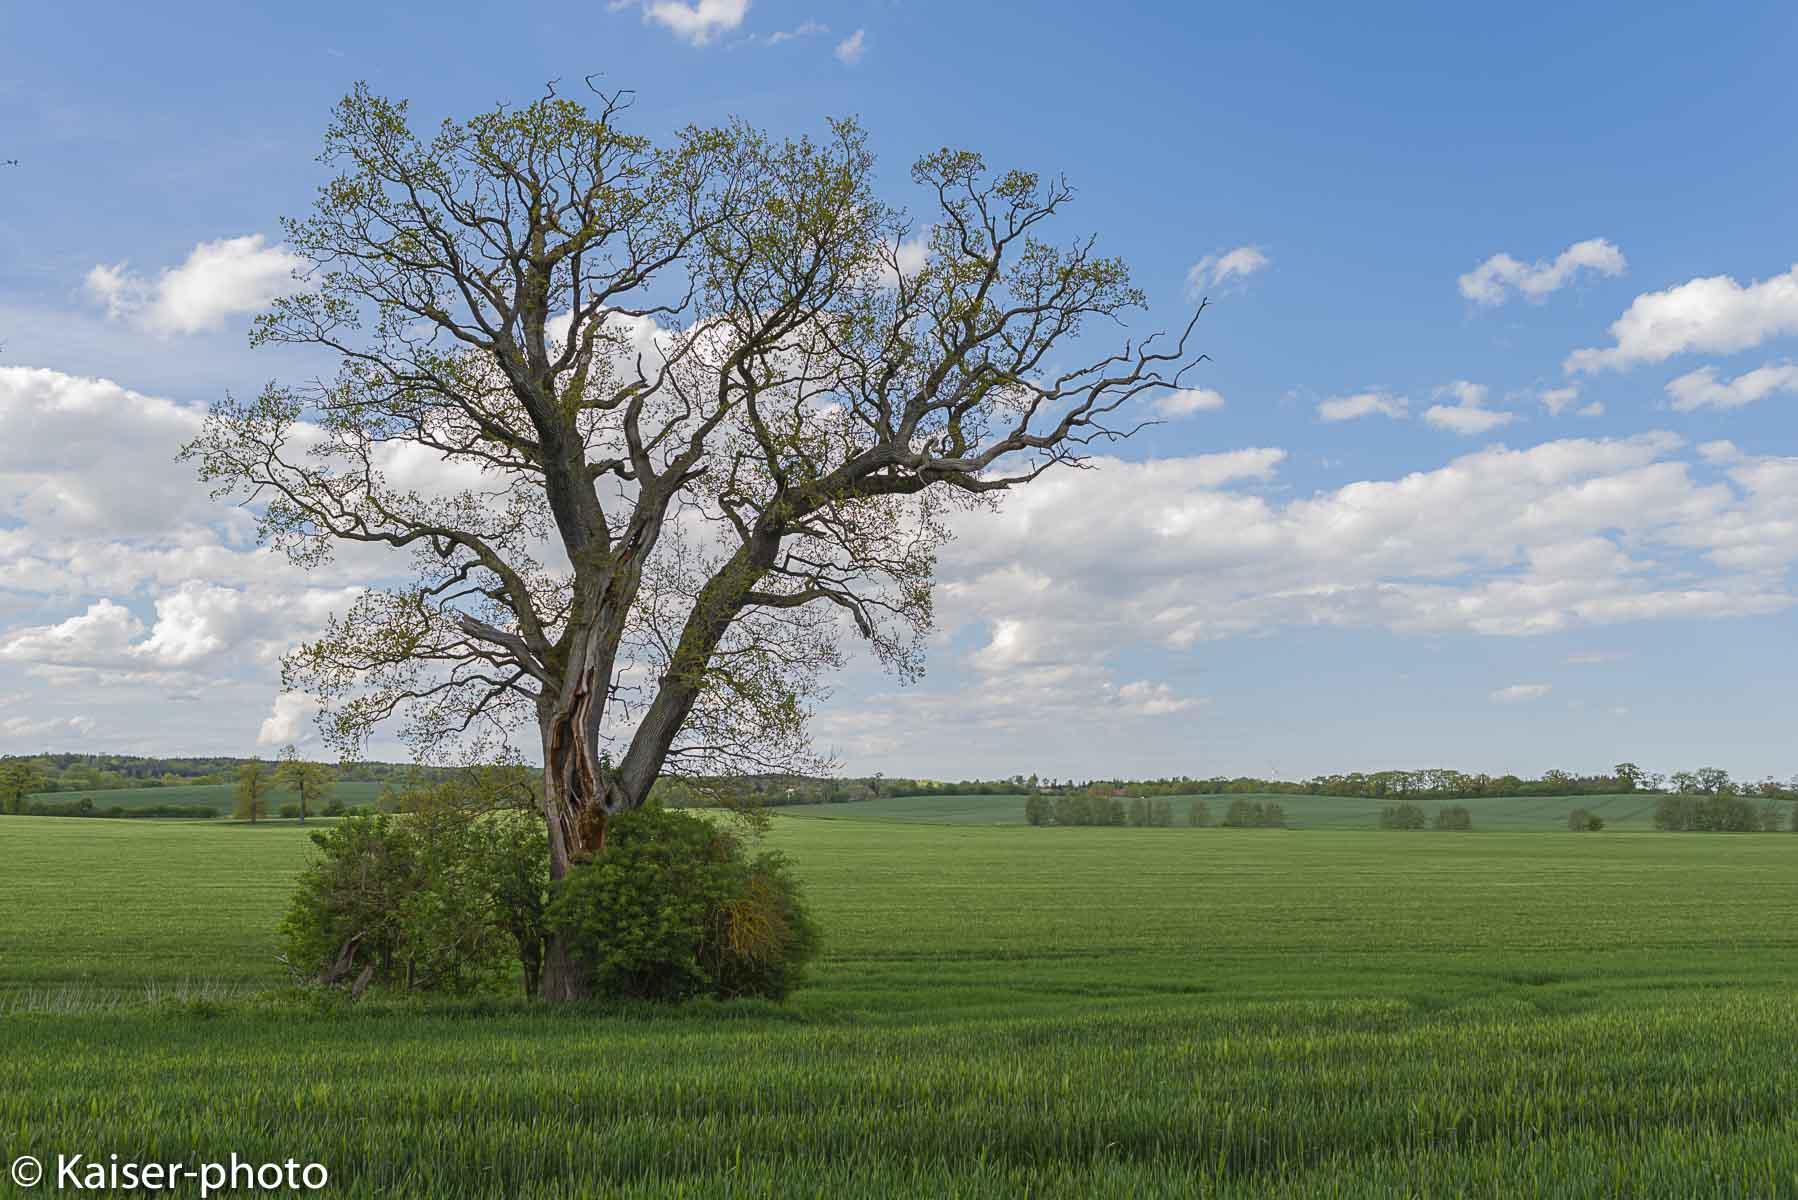 Ein Blitz hat vor vielen Jahren diesen Baum getroffen. Um den Baumstamm herum haben sich Holunderbüsche angesiedelt